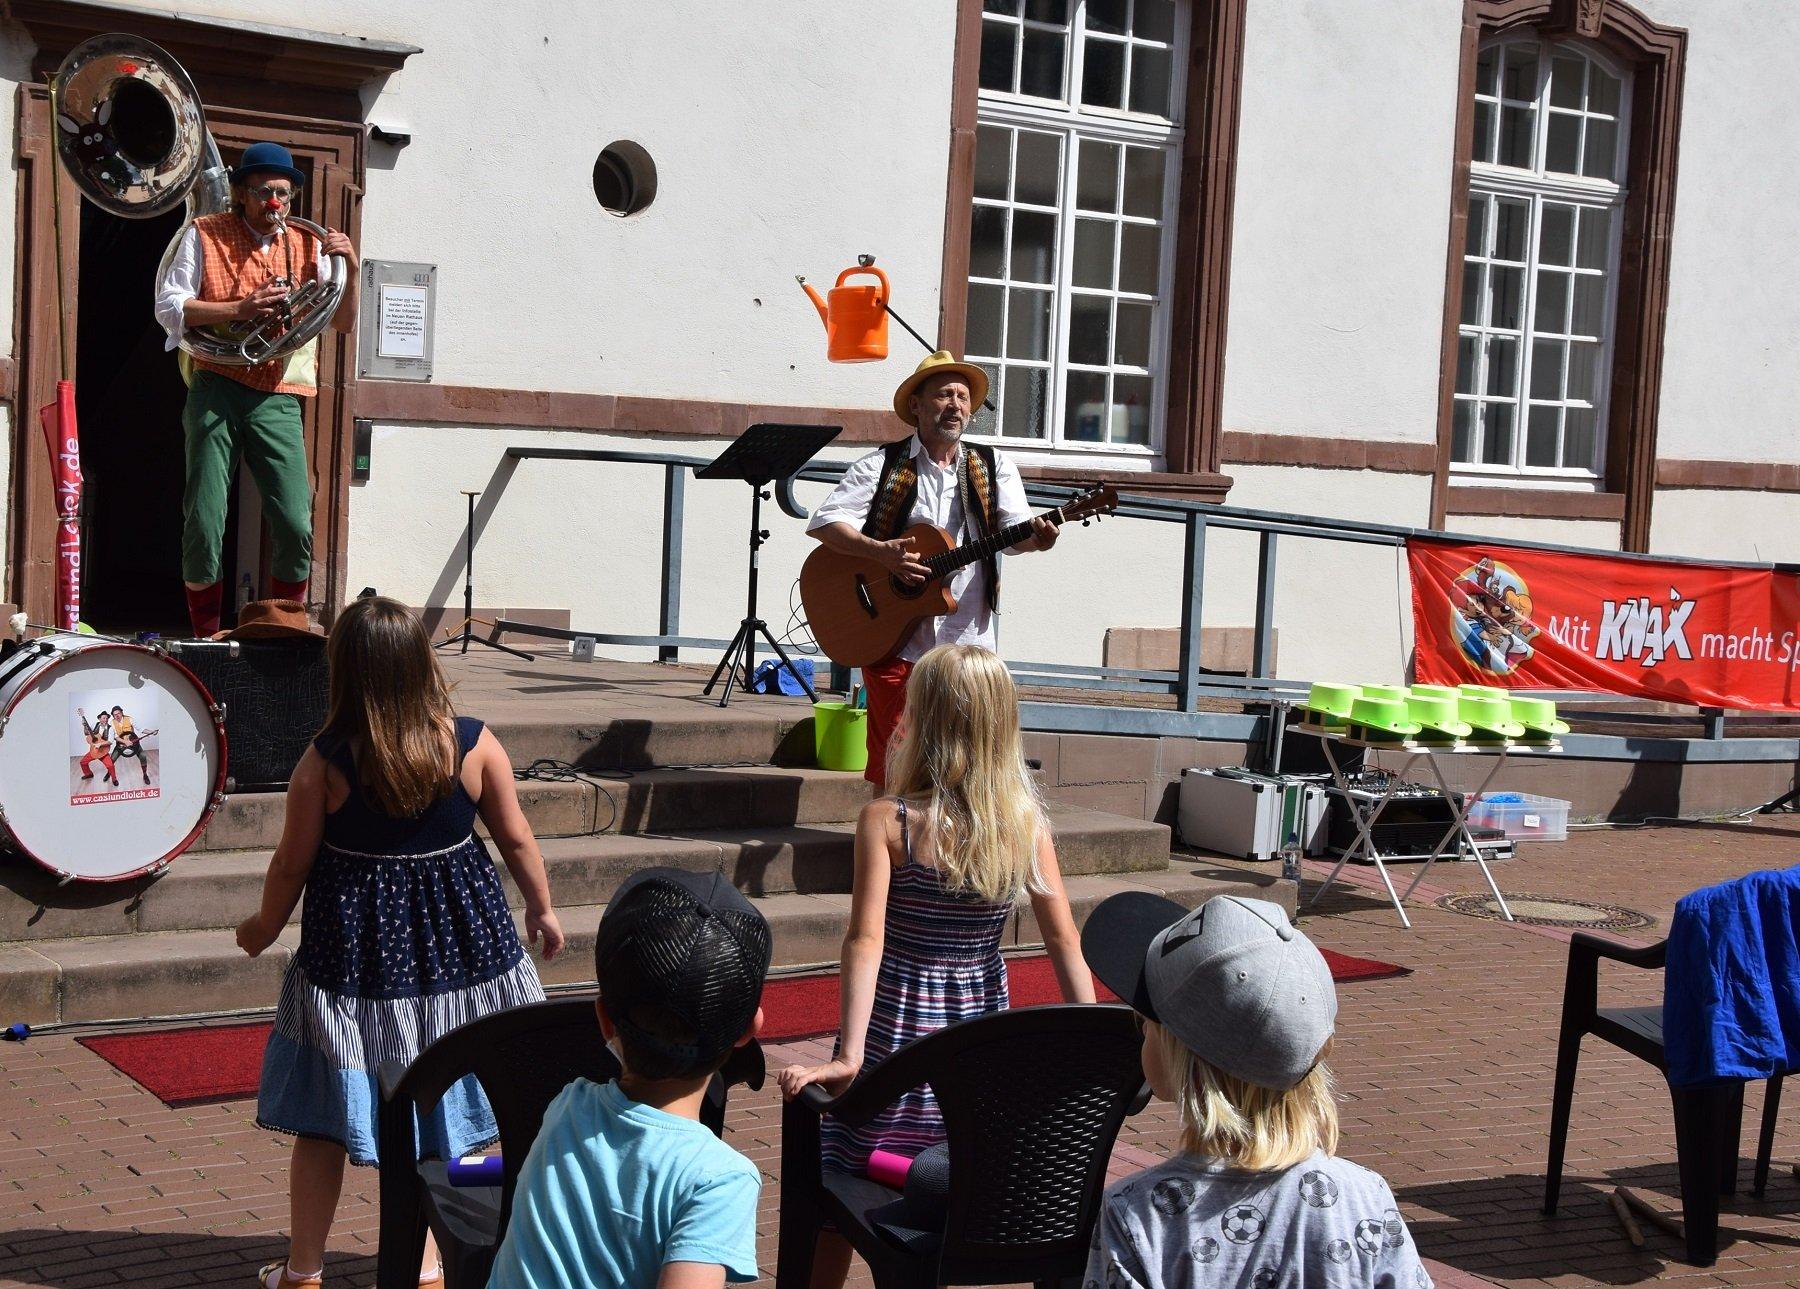 Das Bild zeigt Clown Lolek und Kinderliedermacher Casi bei ihrem Auftritt im Rahmen des Merziger Kindersommers 2021 vor dem Kinderpublikum im Innenhof des Rathauses.